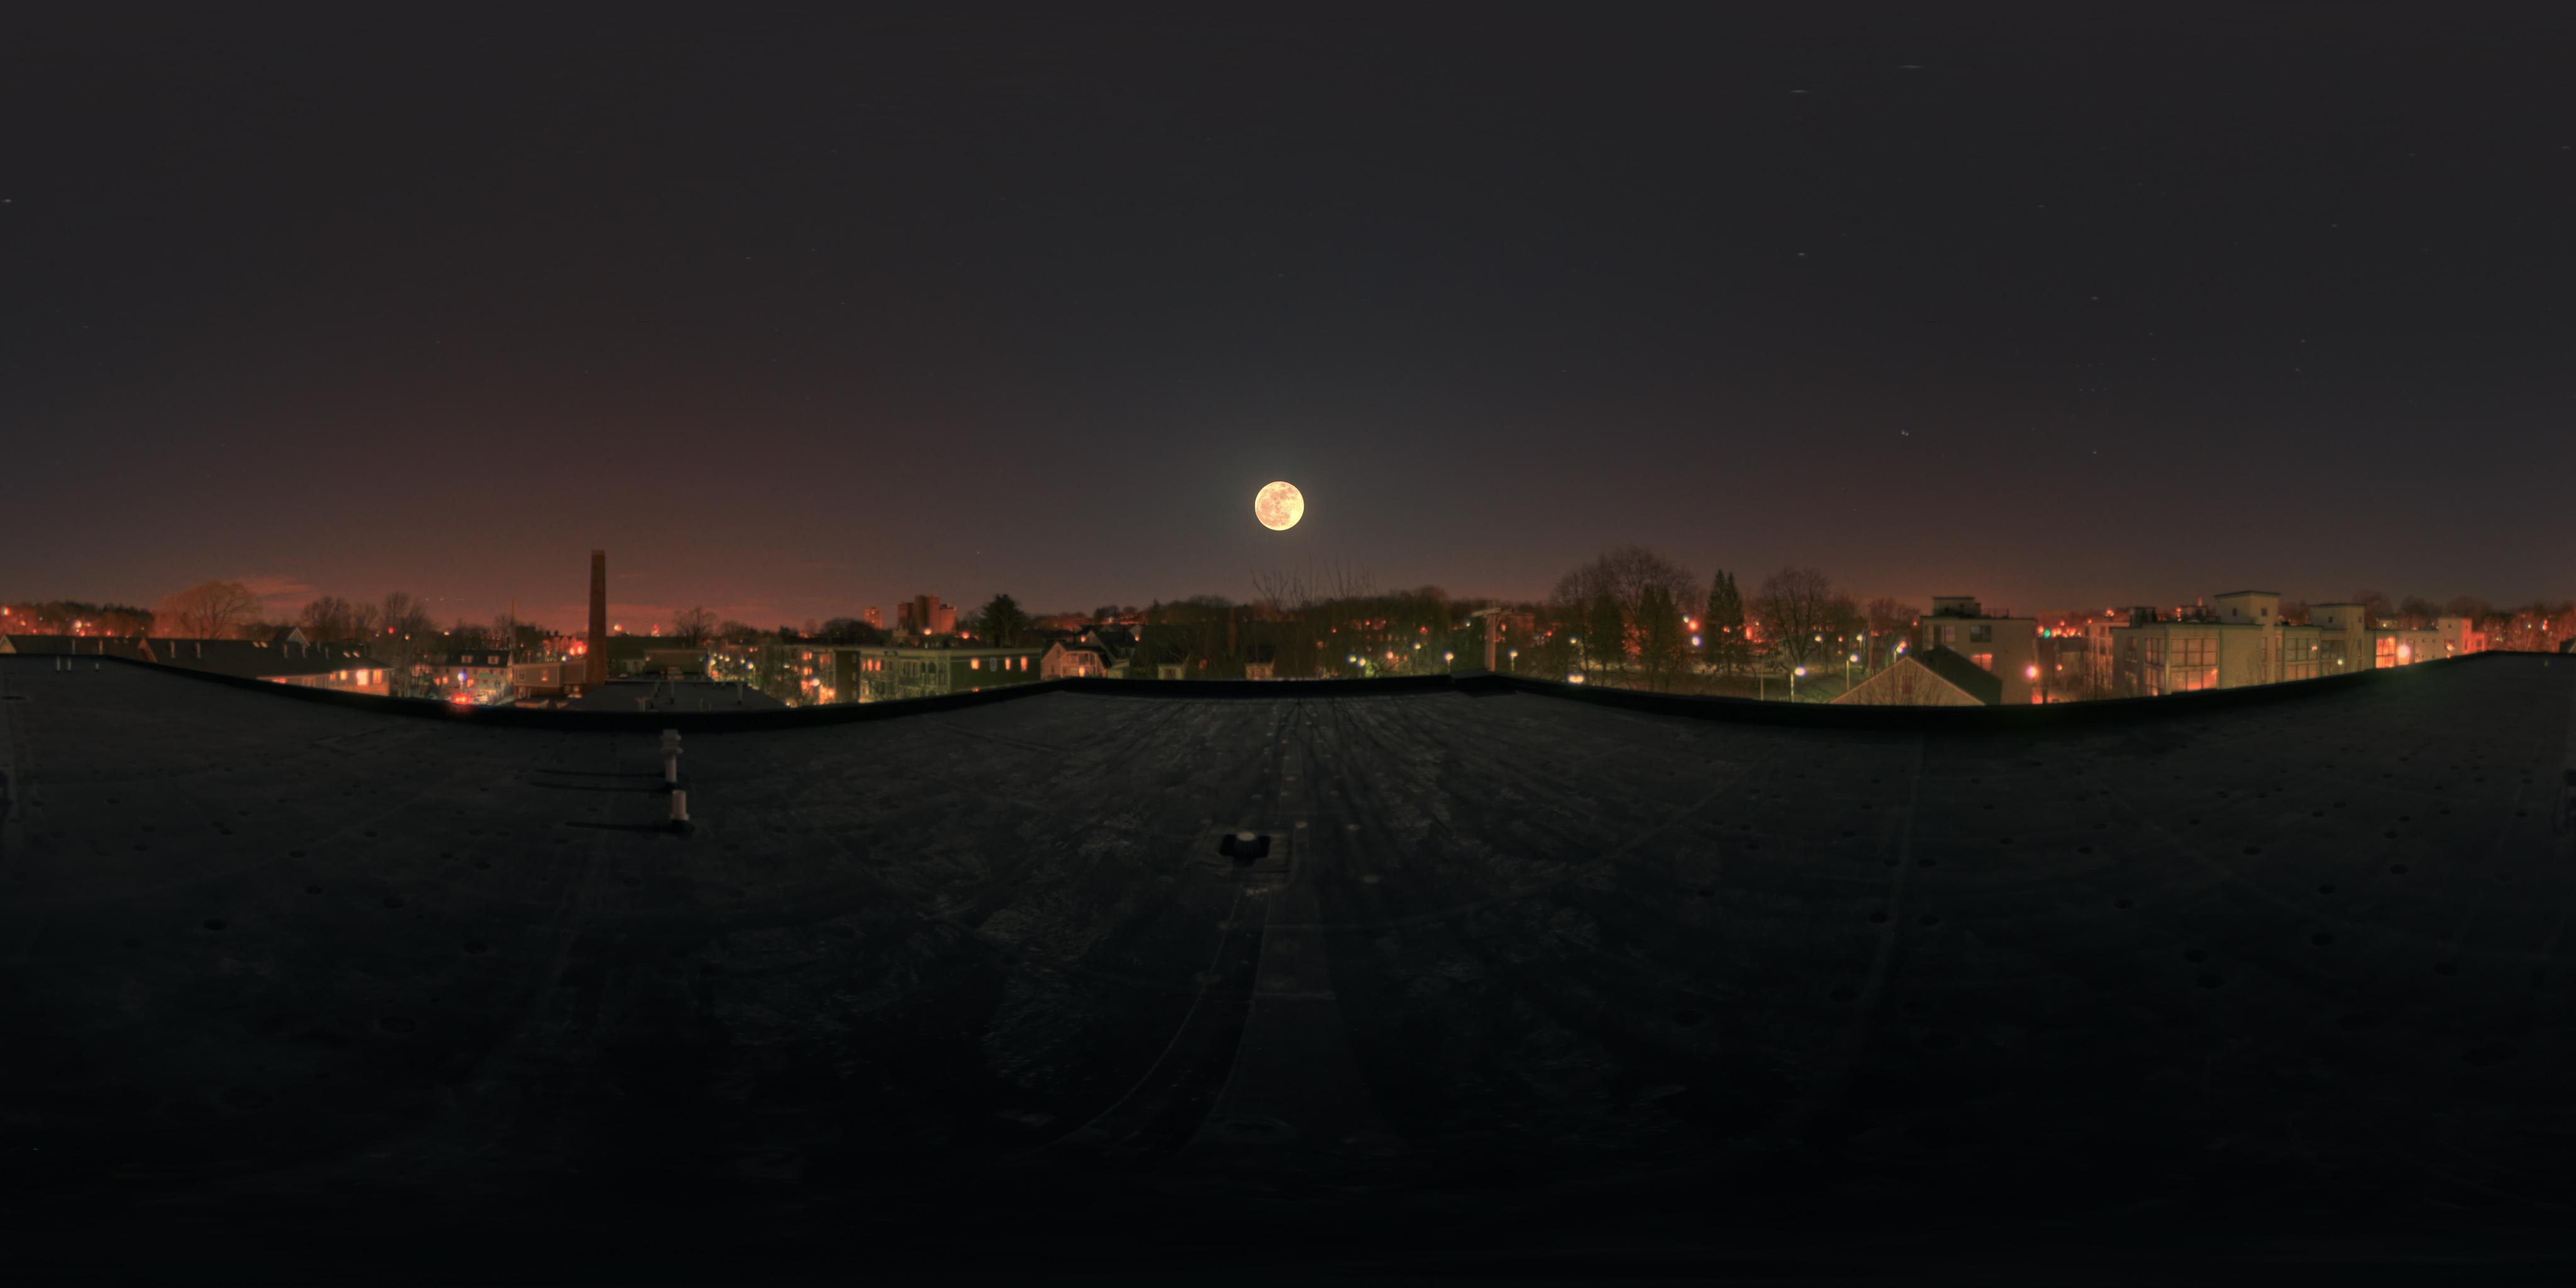 Moonlight Hdri